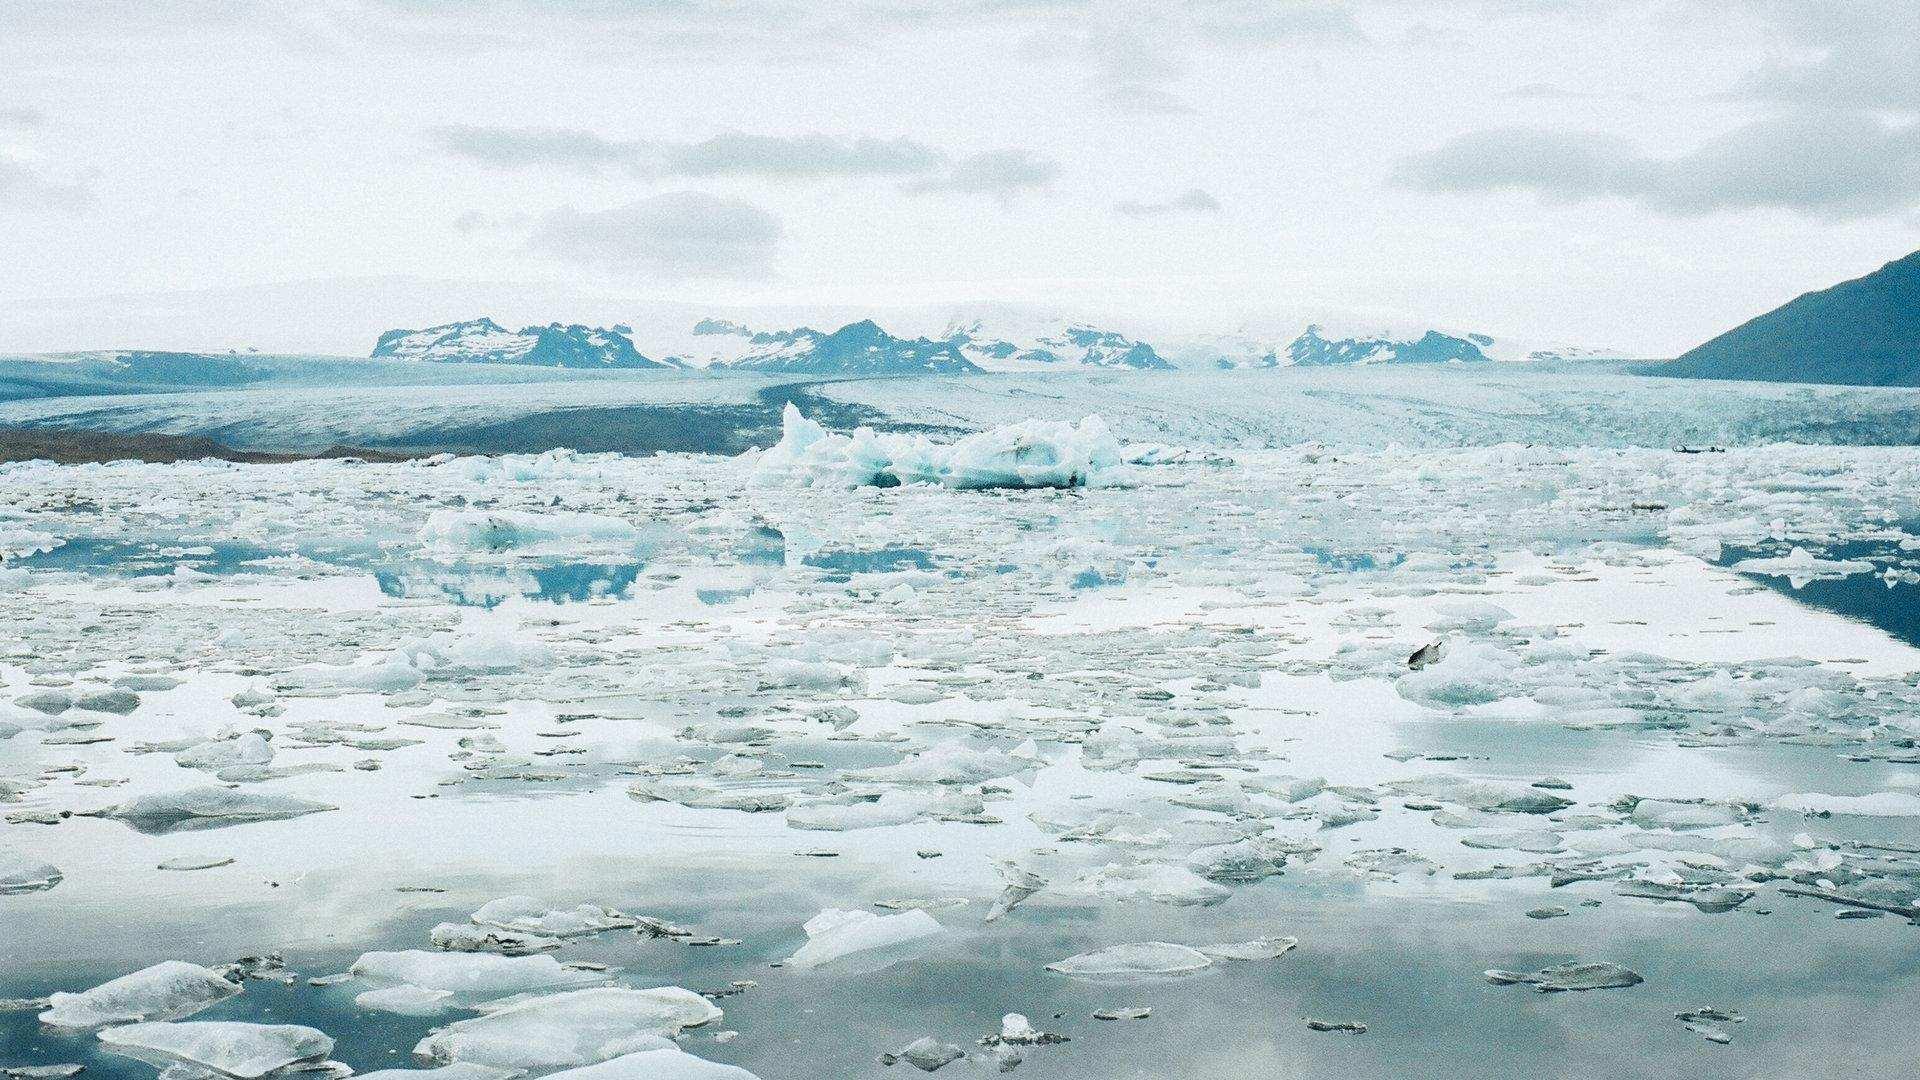 南极又出事了,1270平方公里的冰山崩裂,对人类有什么影响?